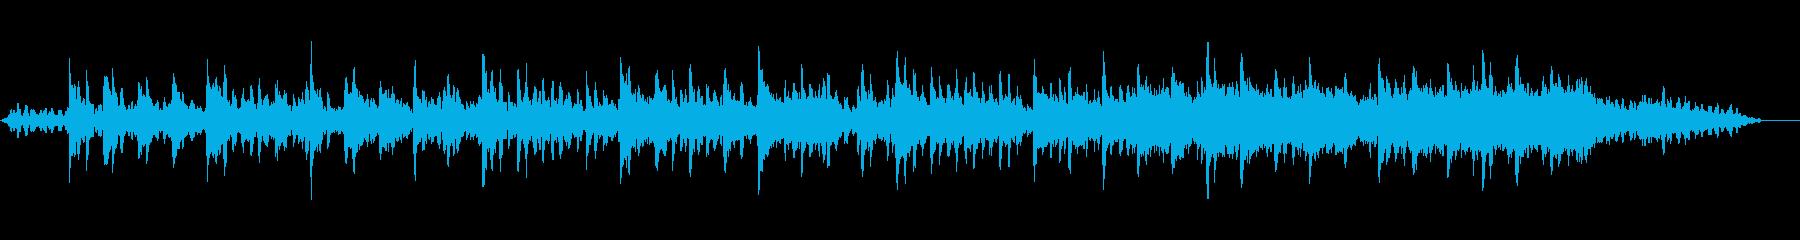 リラックスしたい時のピアノ曲ソルフィジオの再生済みの波形